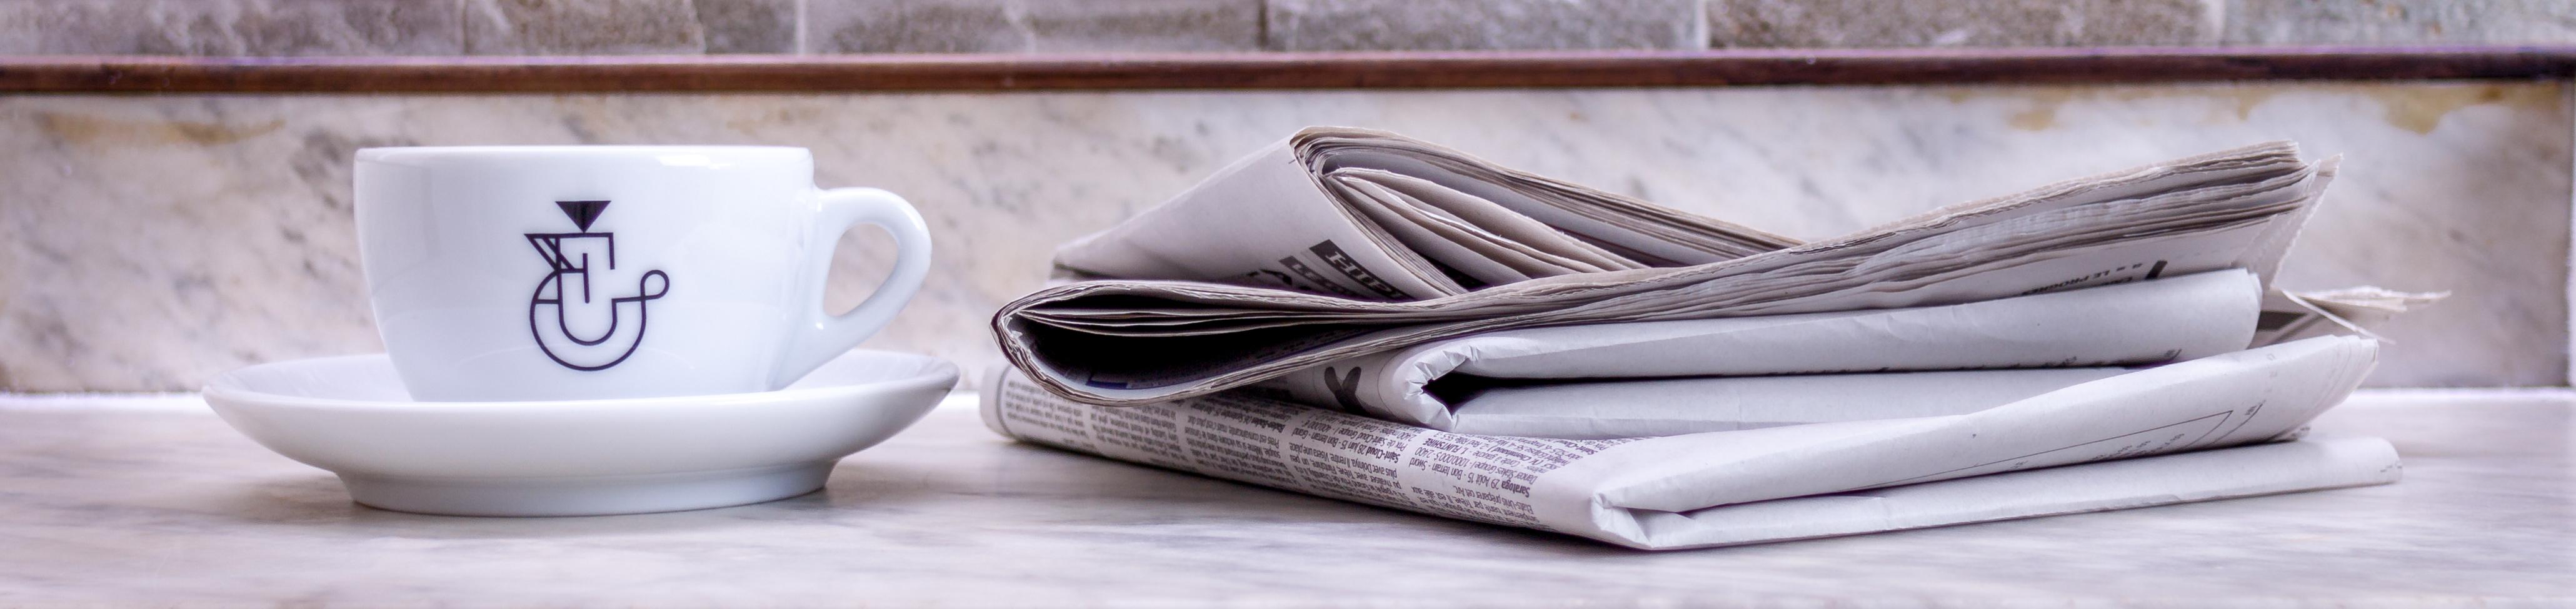 La presse parle de nous